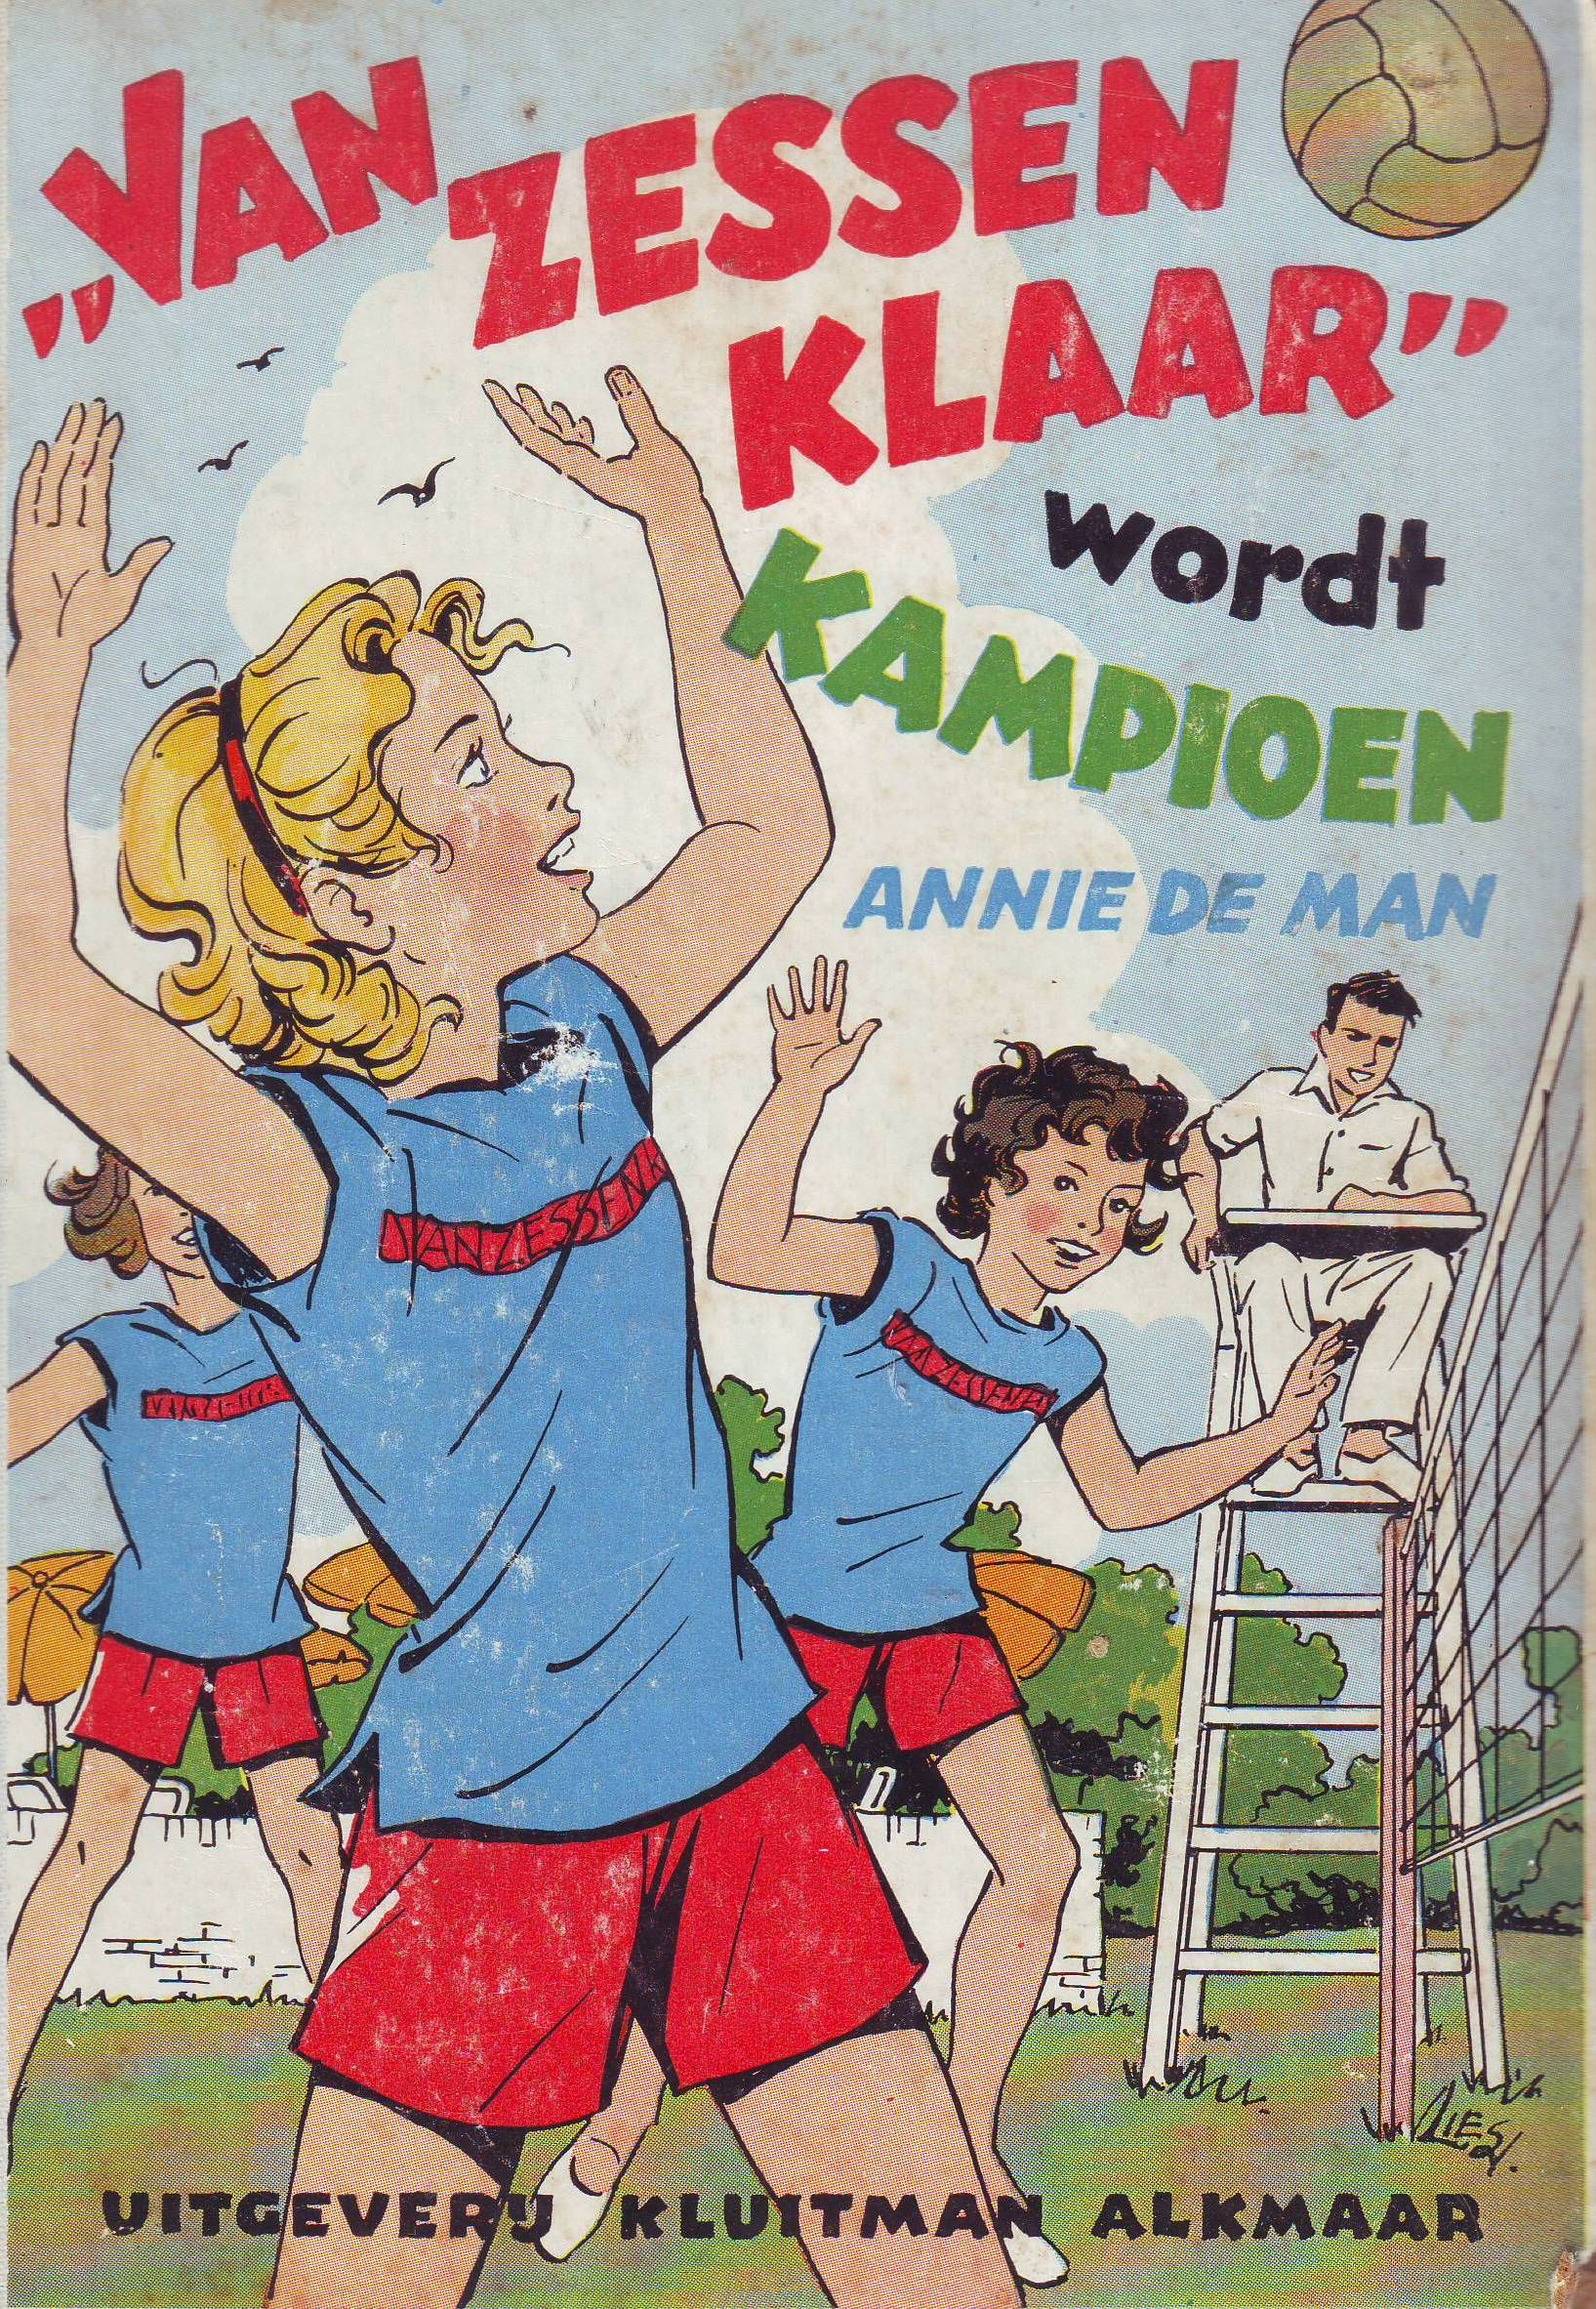 Van Zessen Klaar Wordt Kampioen Kinderboeken Boeken En